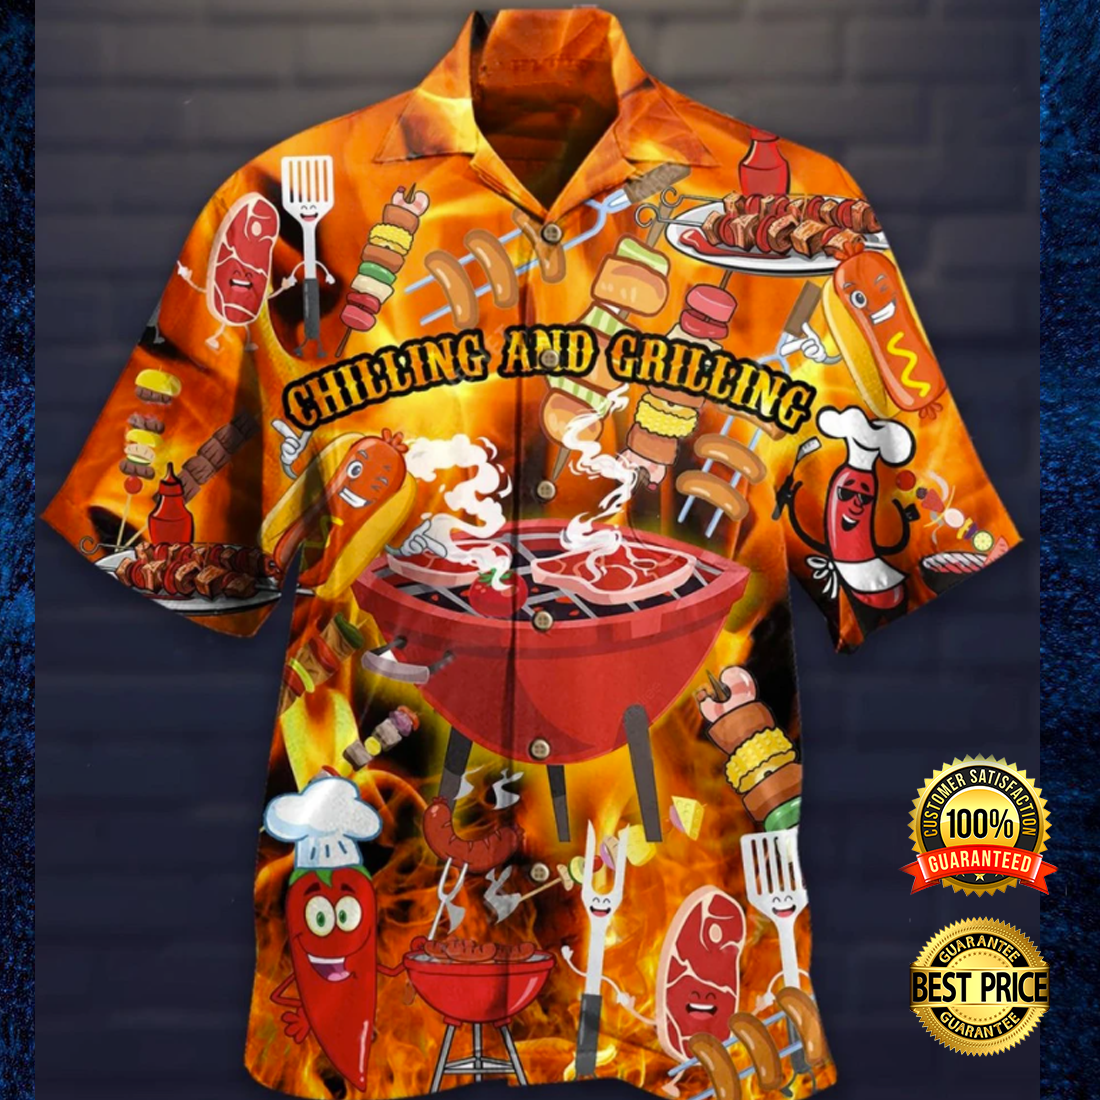 Chilling and grilling hawaiian shirt 4